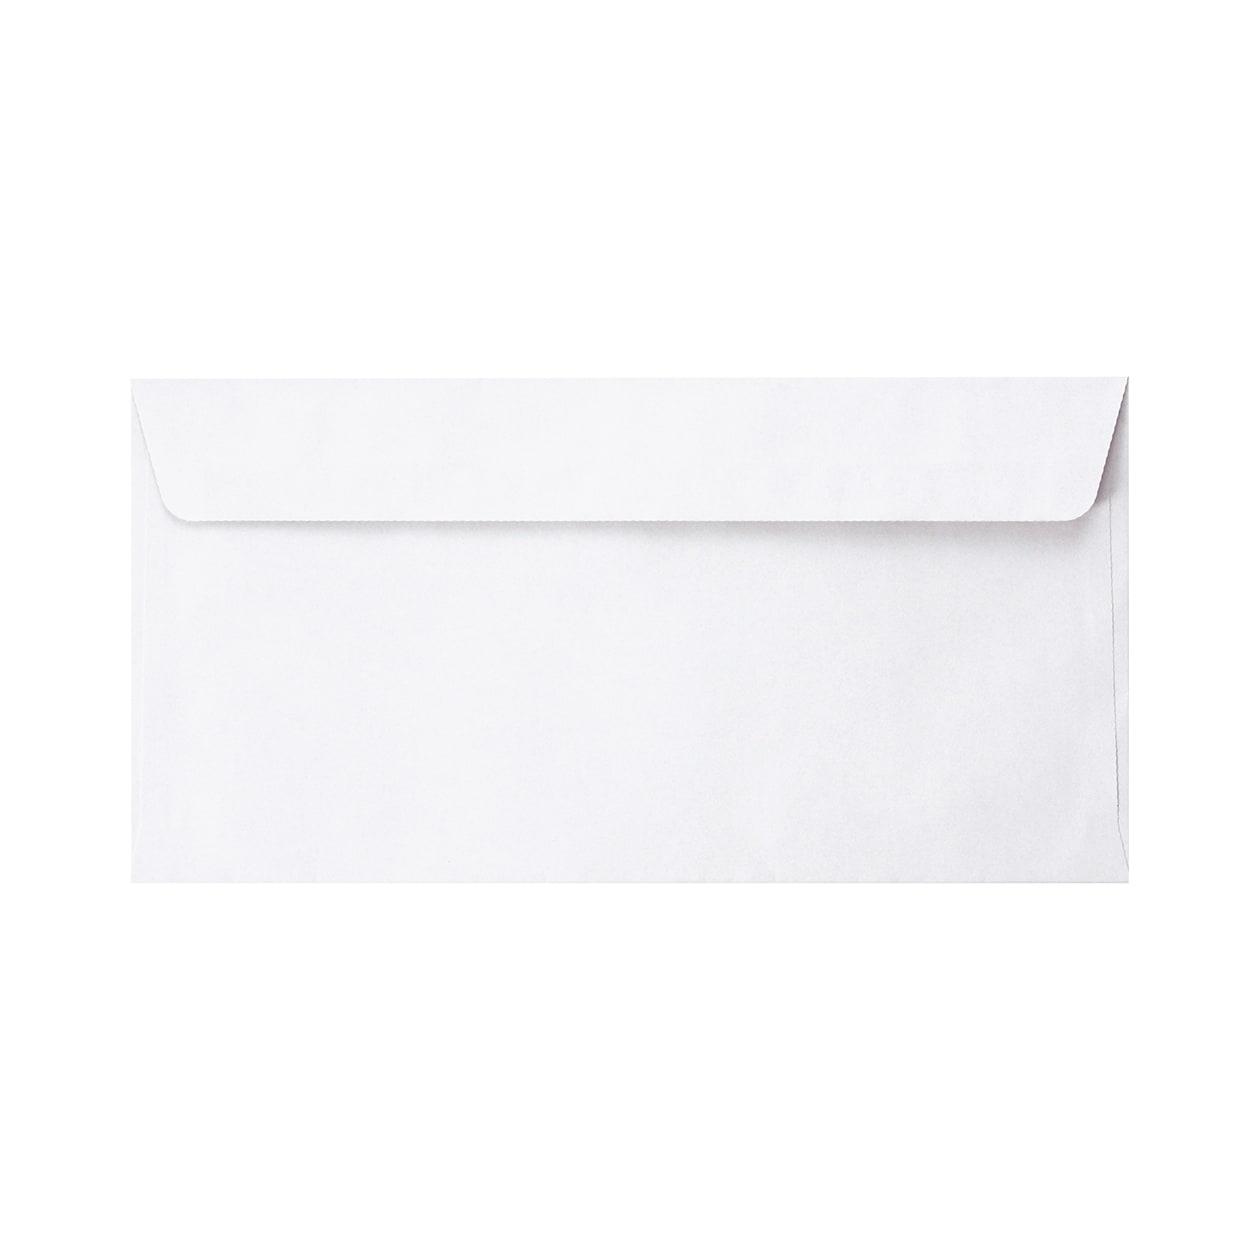 長3カマス34封筒m ハーフカラー99 ホワイト 81.4g